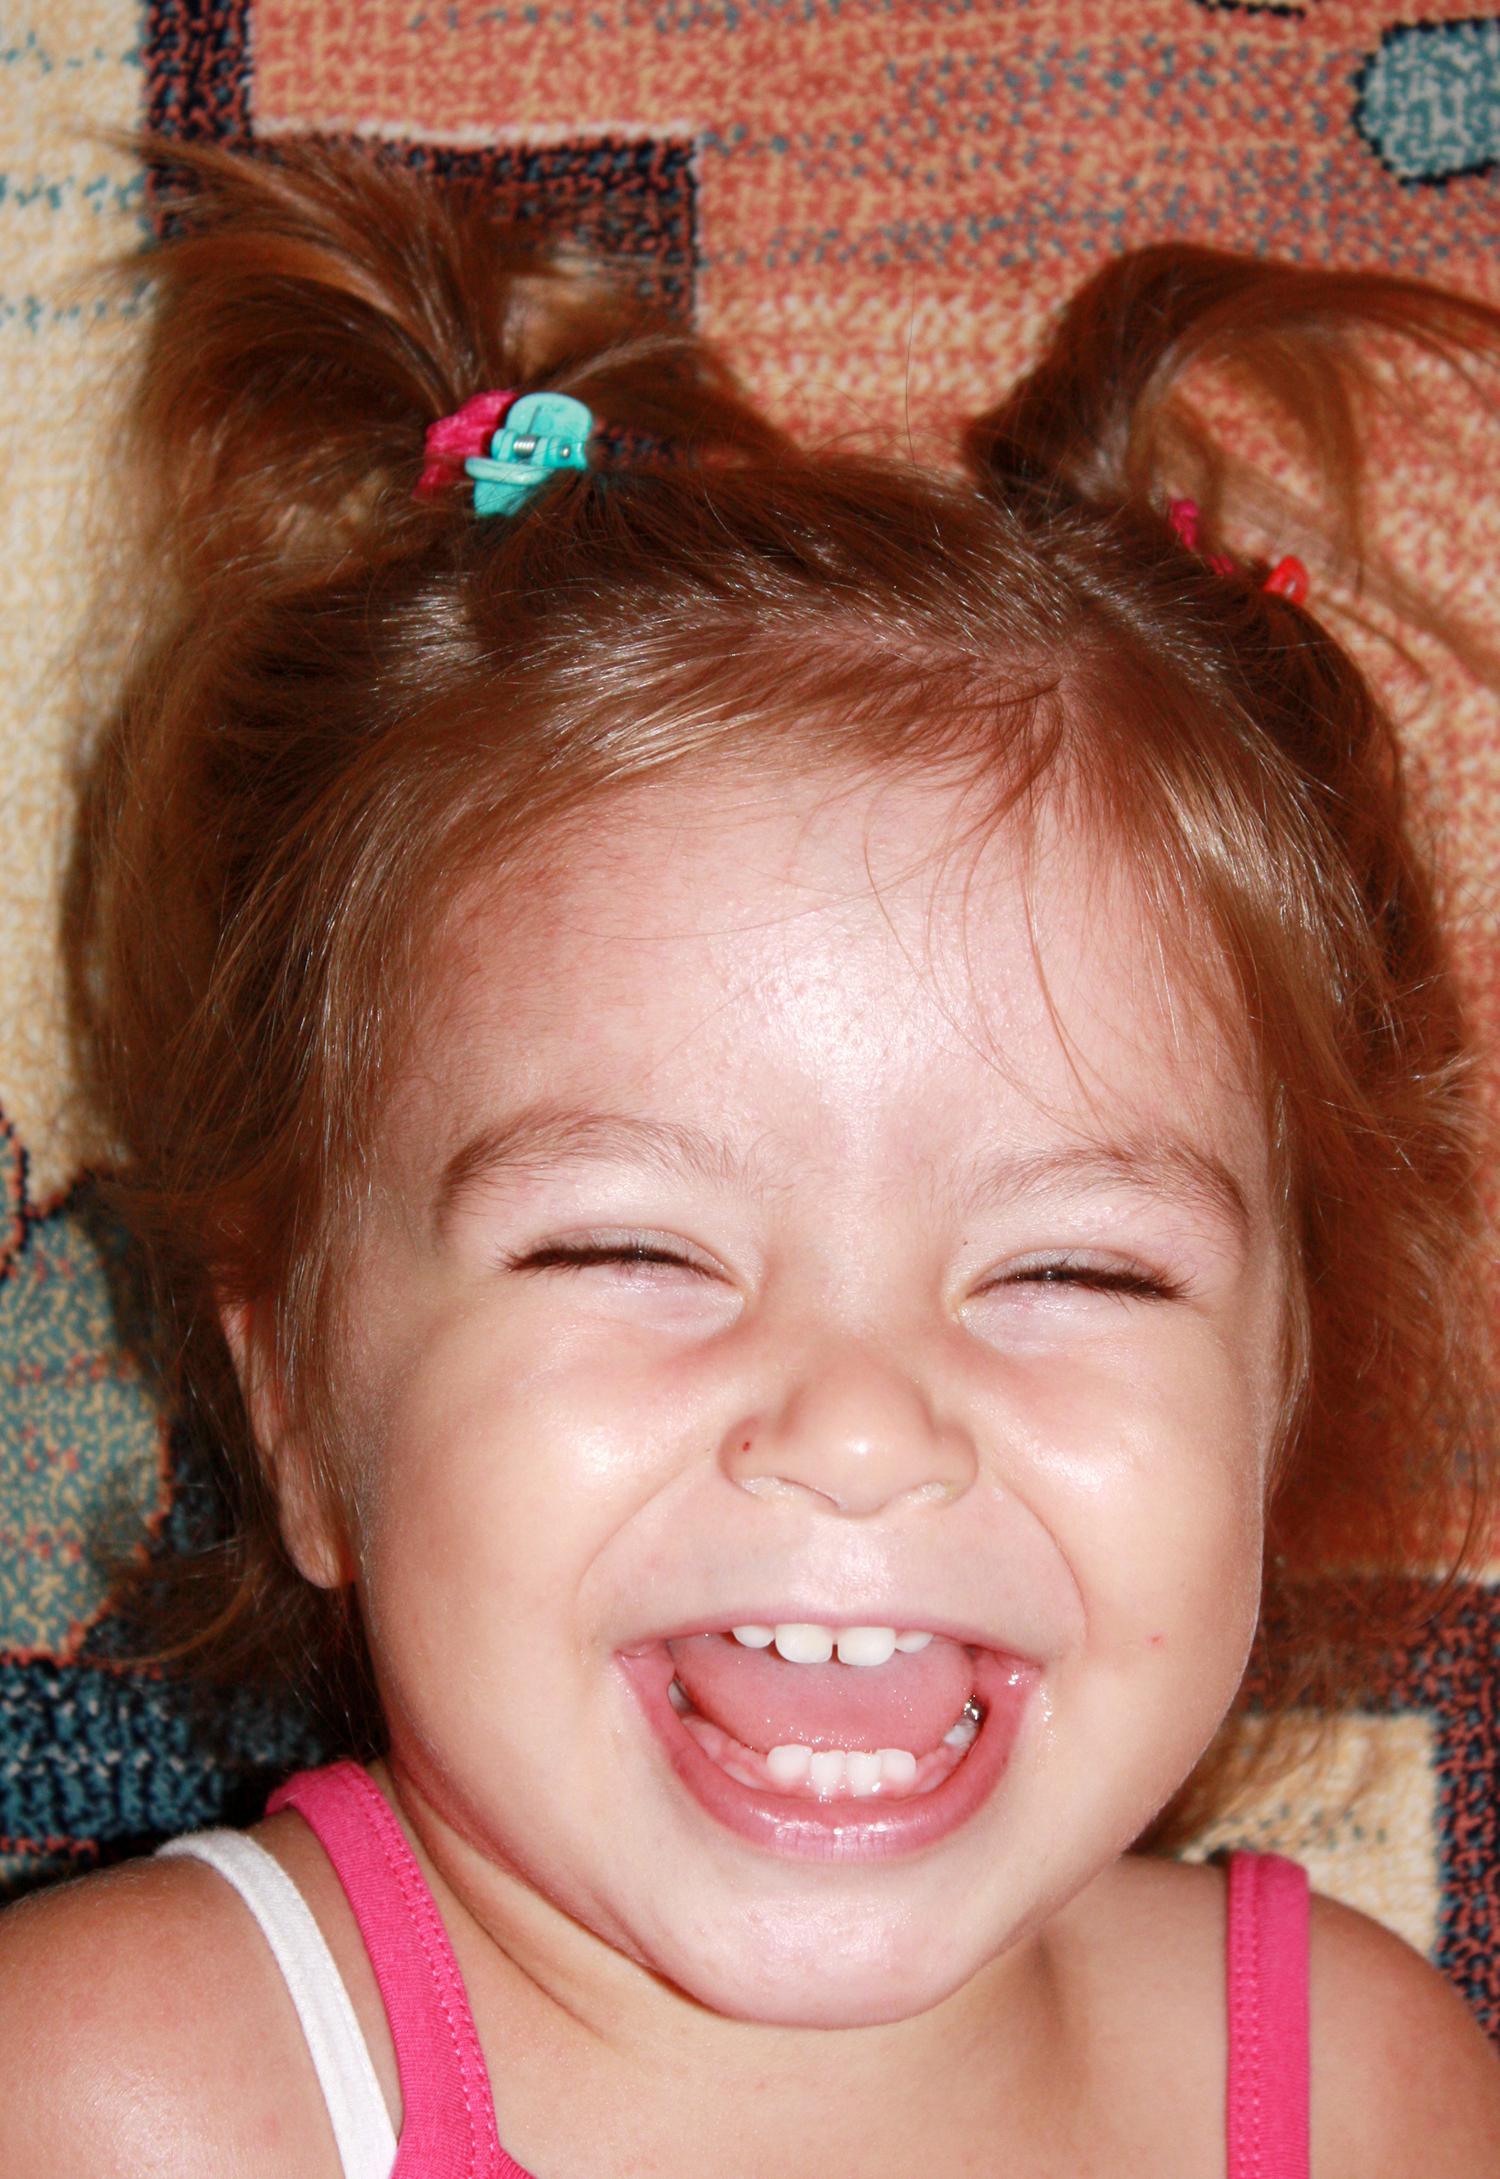 Un nuevo estudio confirma que la risa mejora la salud